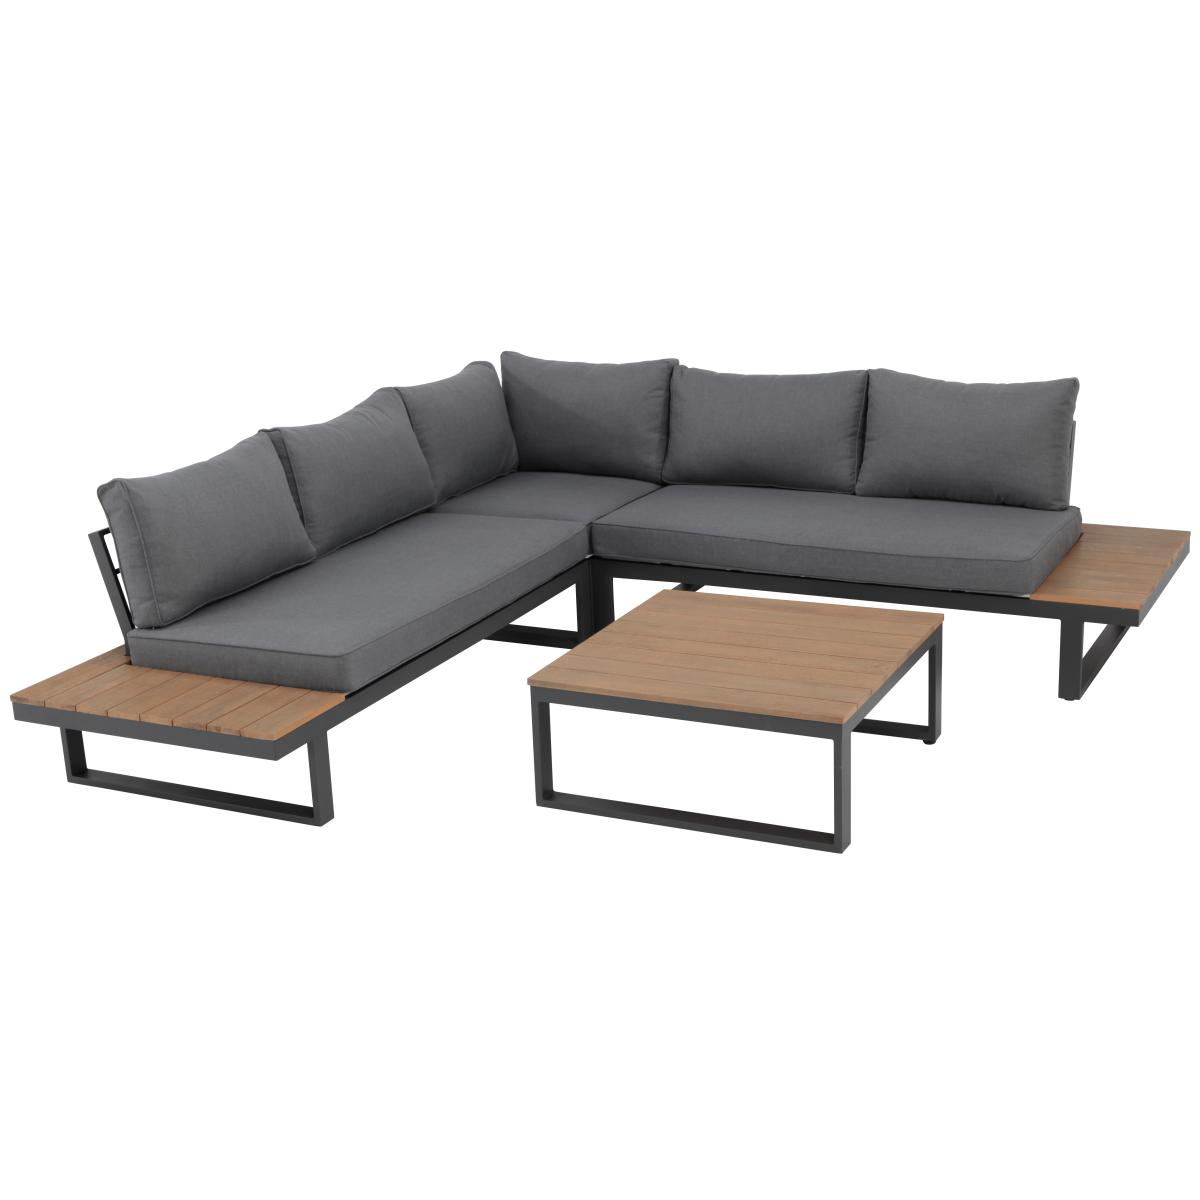 Набор садовой мебели New San Diego угловой металл/эвкалипт угловой диван и журнальный стол